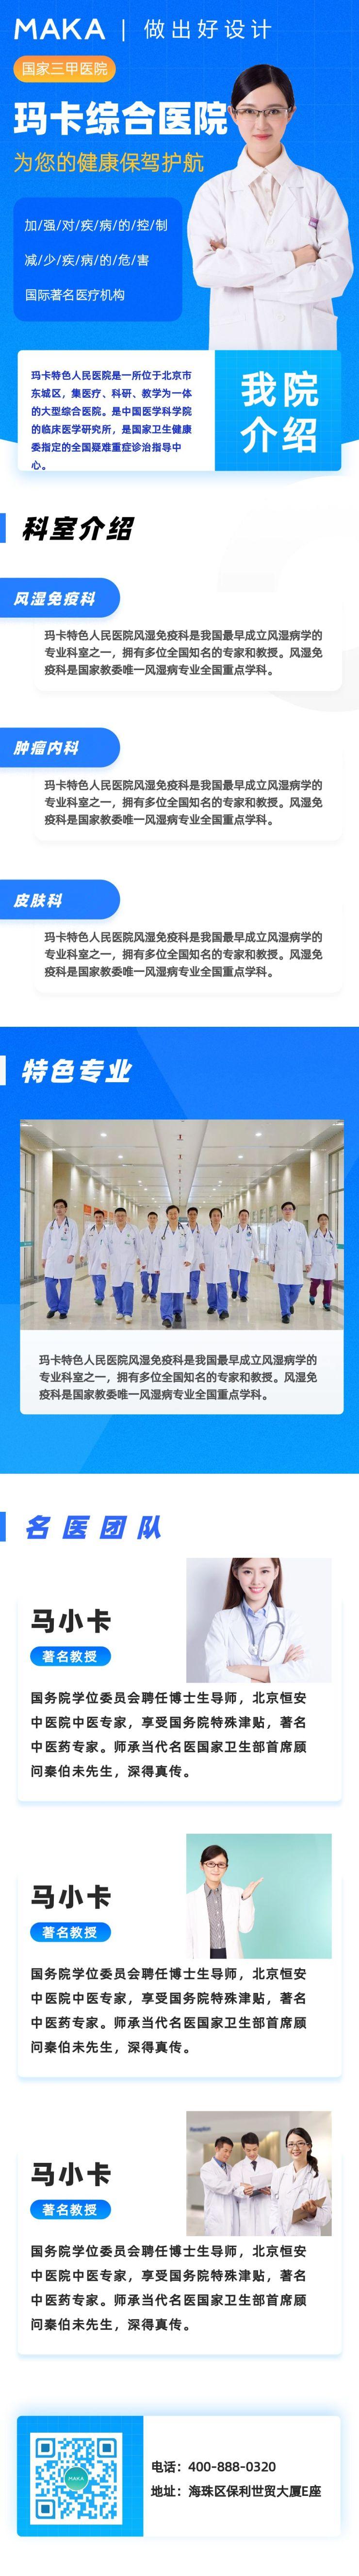 蓝色扁平简约综合医院宣传文章长图